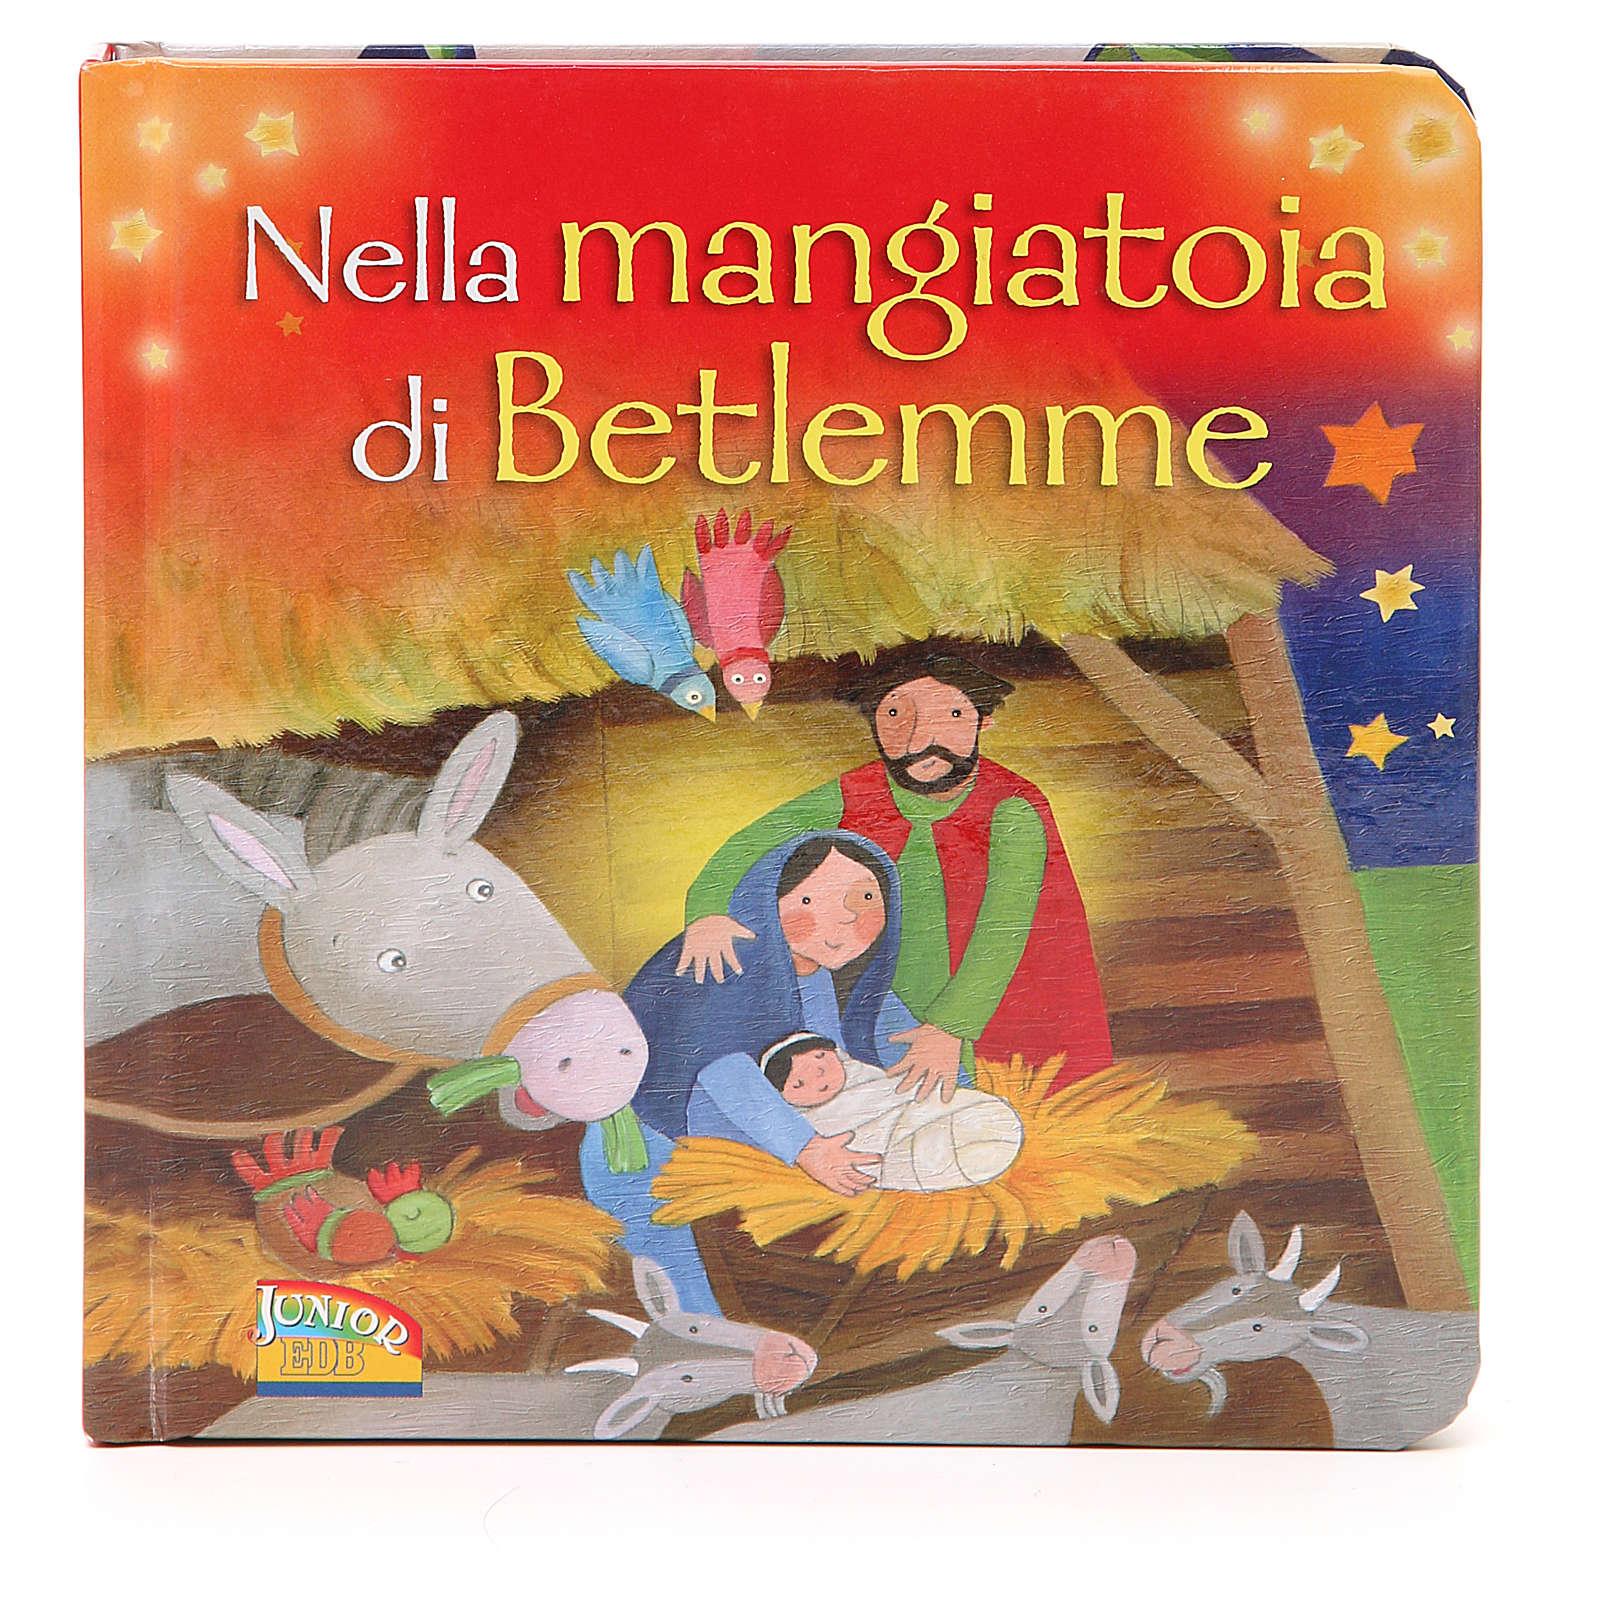 Nella mangiatoia di Betlemme 4